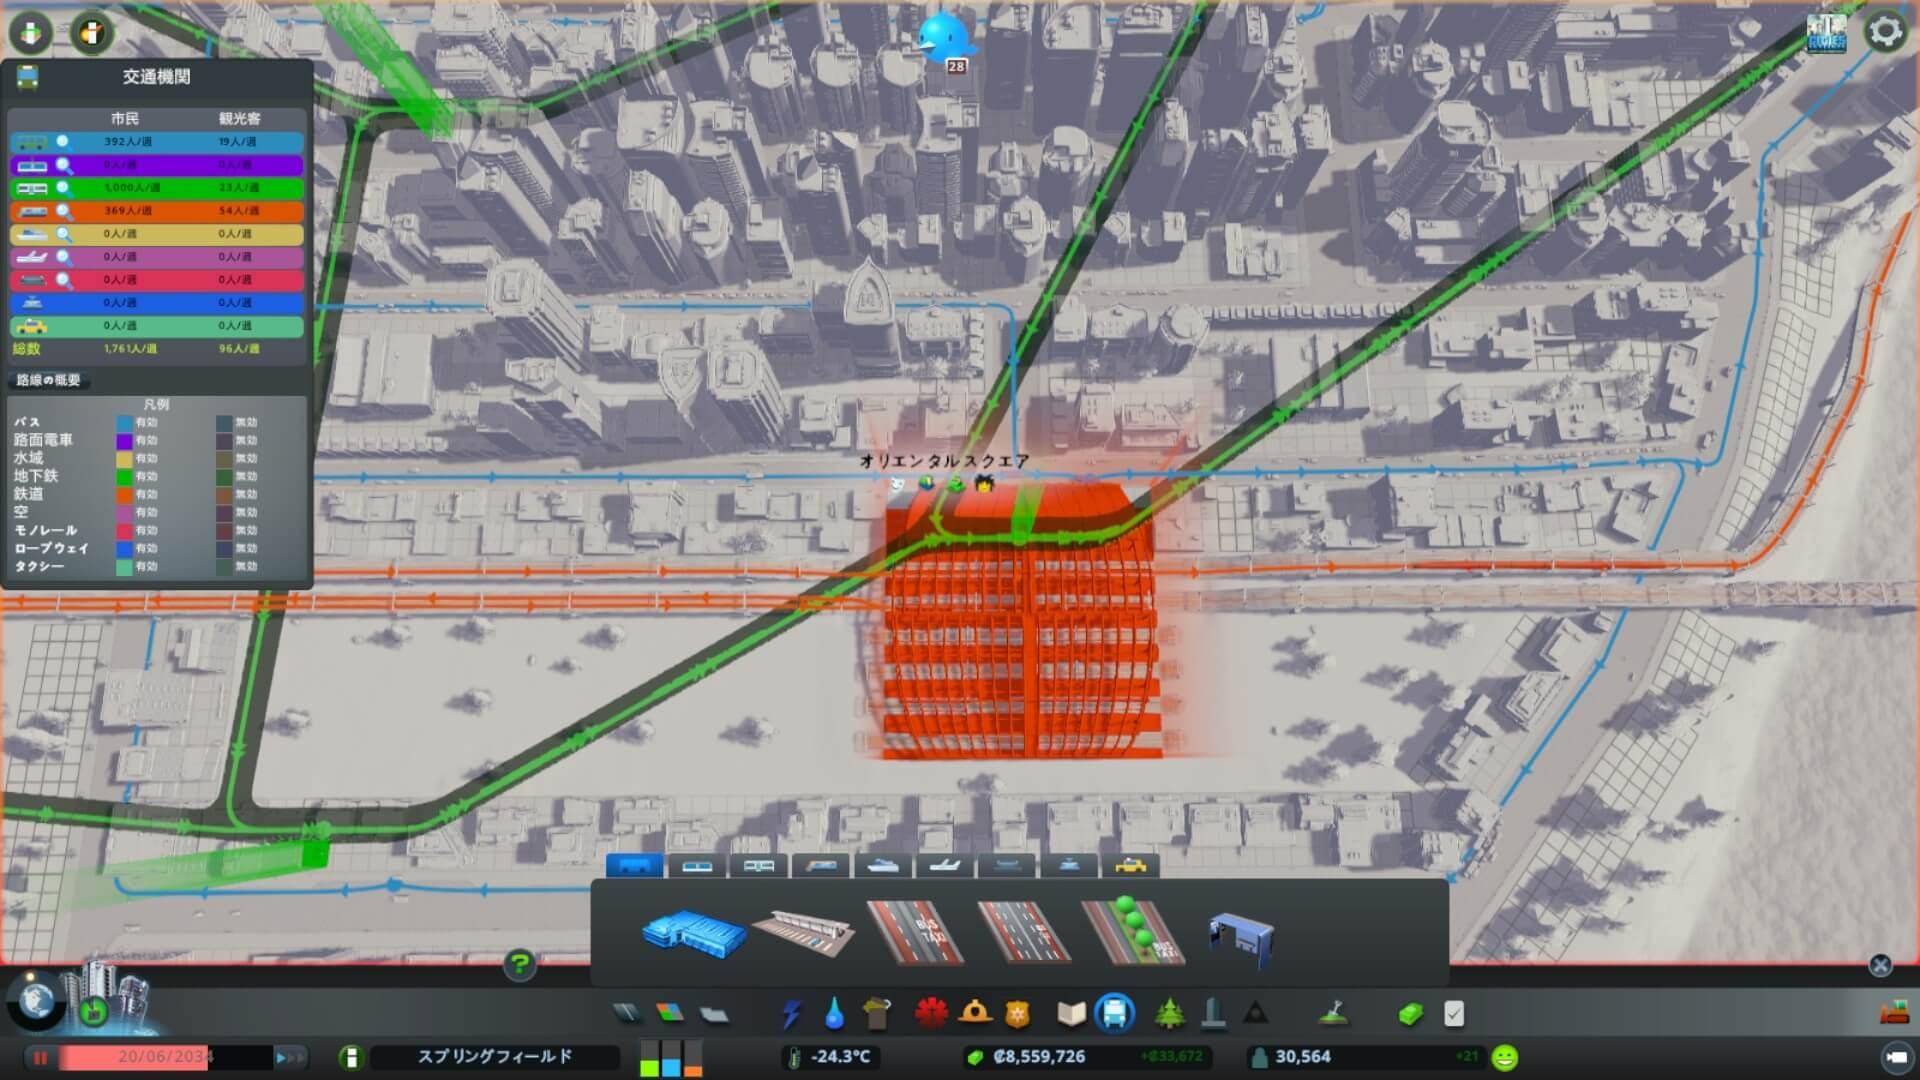 Traffic013-1-1024x576 【シティーズ スカイライン 攻略ブログ】 初心者の為の高速道路周辺の渋滞解消法 Cities:Skylines(シティーズ:スカイライン ) 街作りシミュレーションゲーム